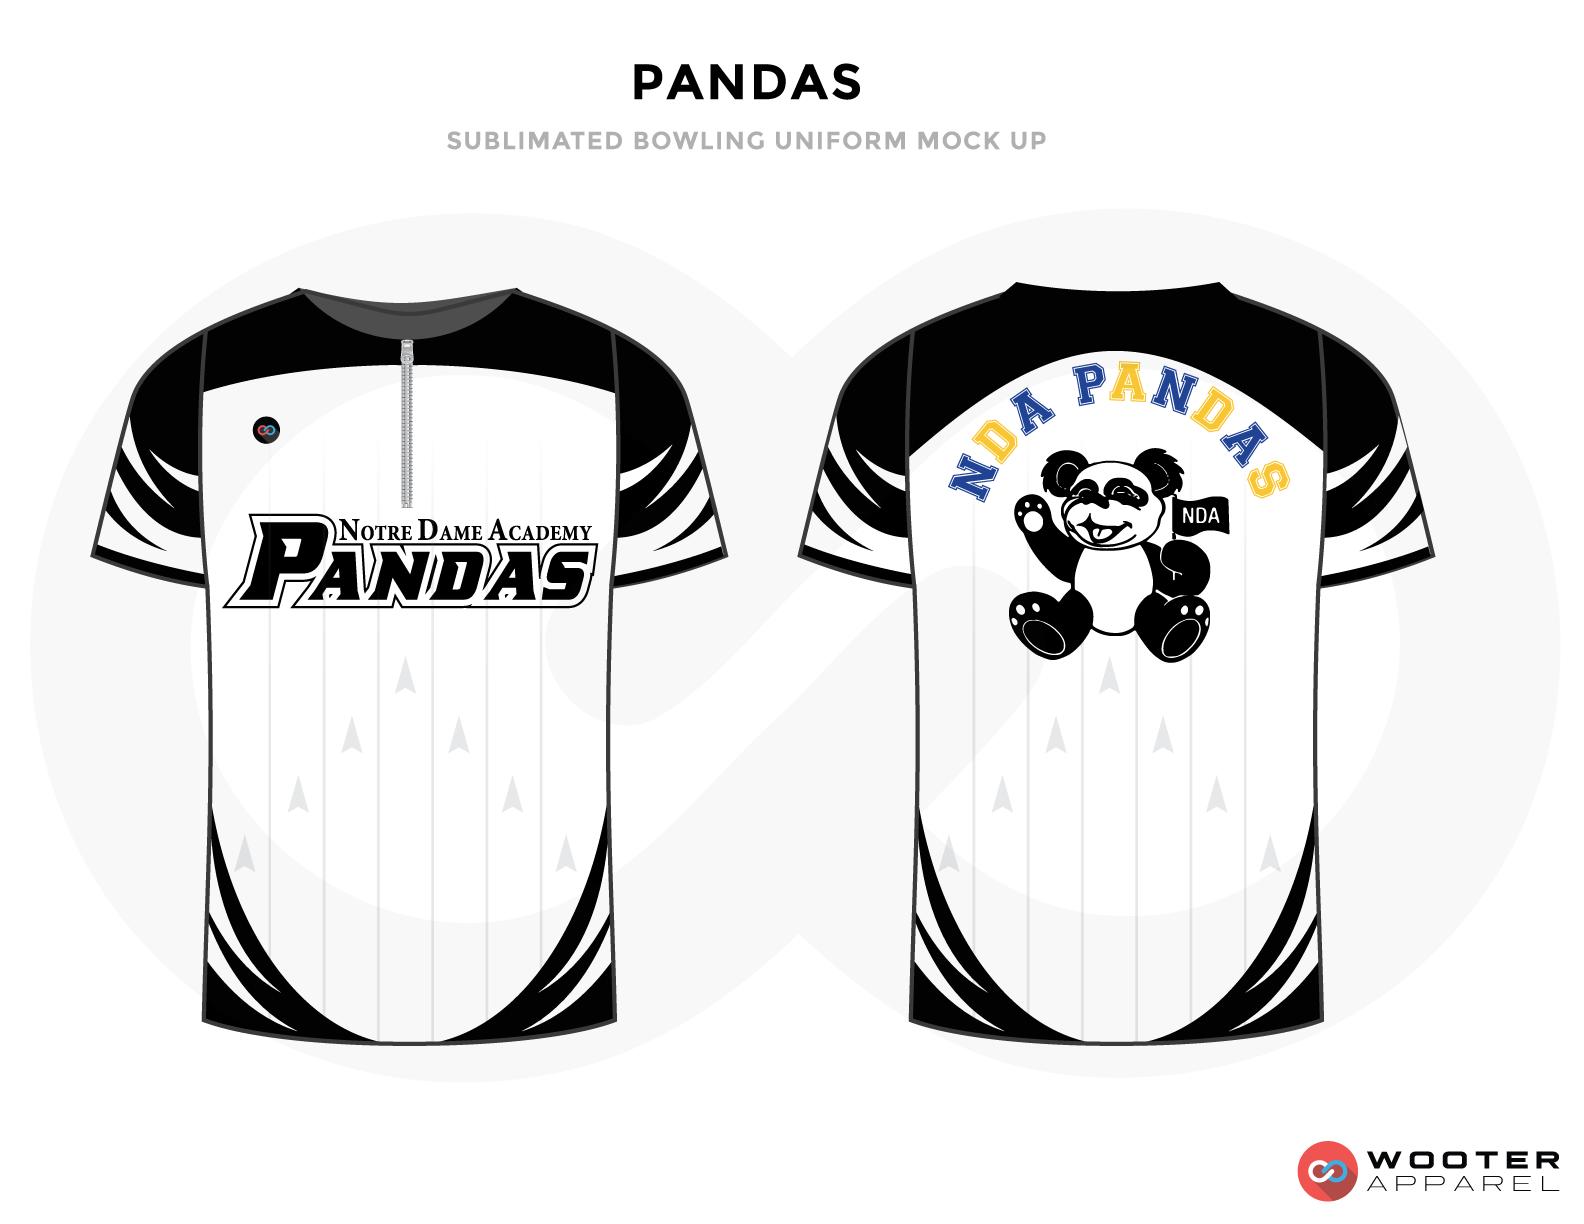 PANDAS white black blue yellow gray bowling uniforms, shirts, quarter zip polo